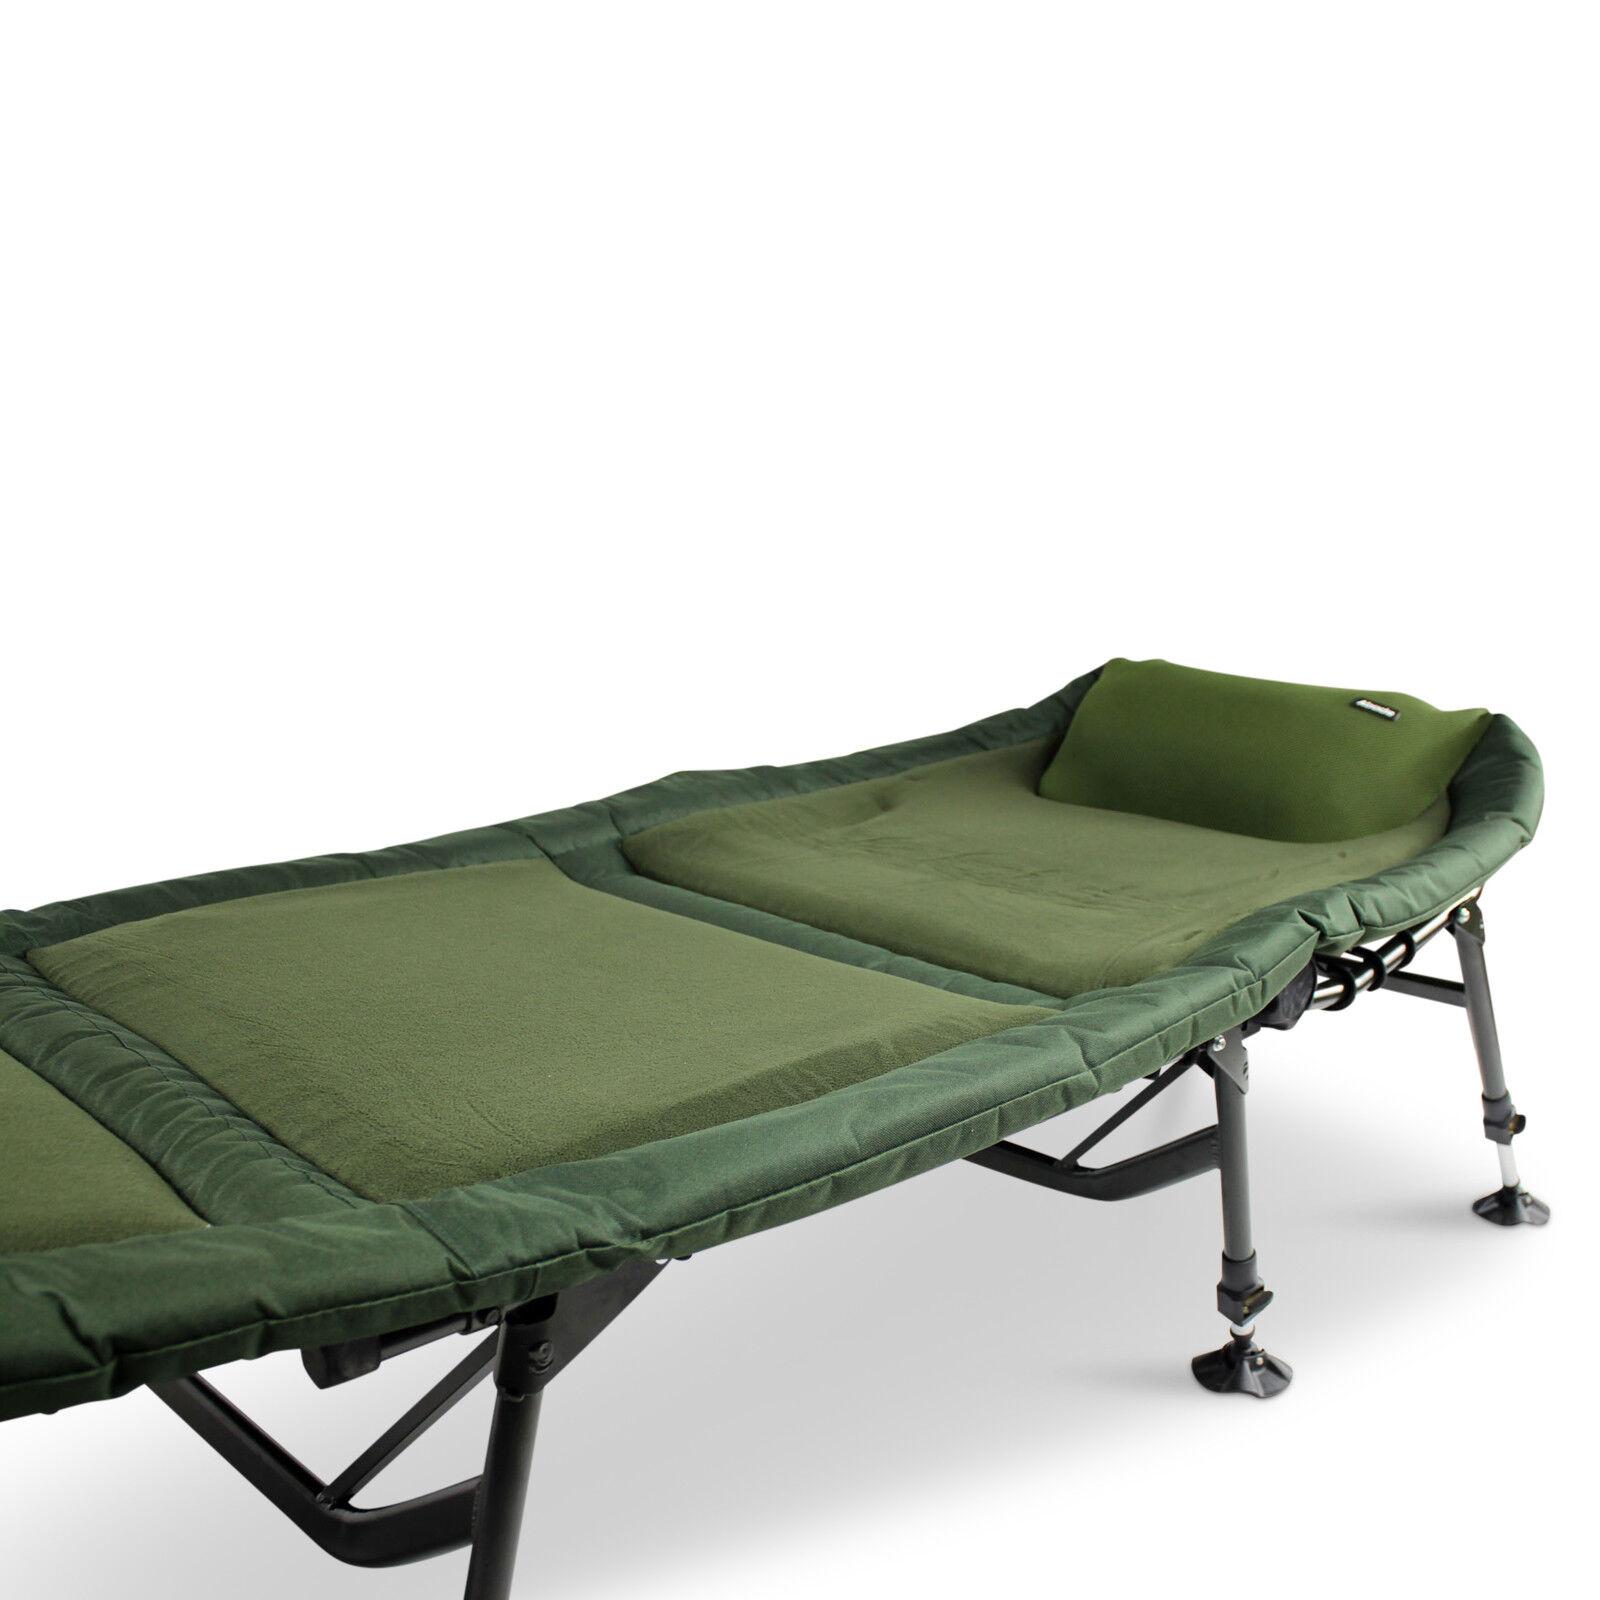 ABODE® Air-Lite™ Alloy 6 Leg Fleece Carp Fishing Camping Aluminum Bedchair